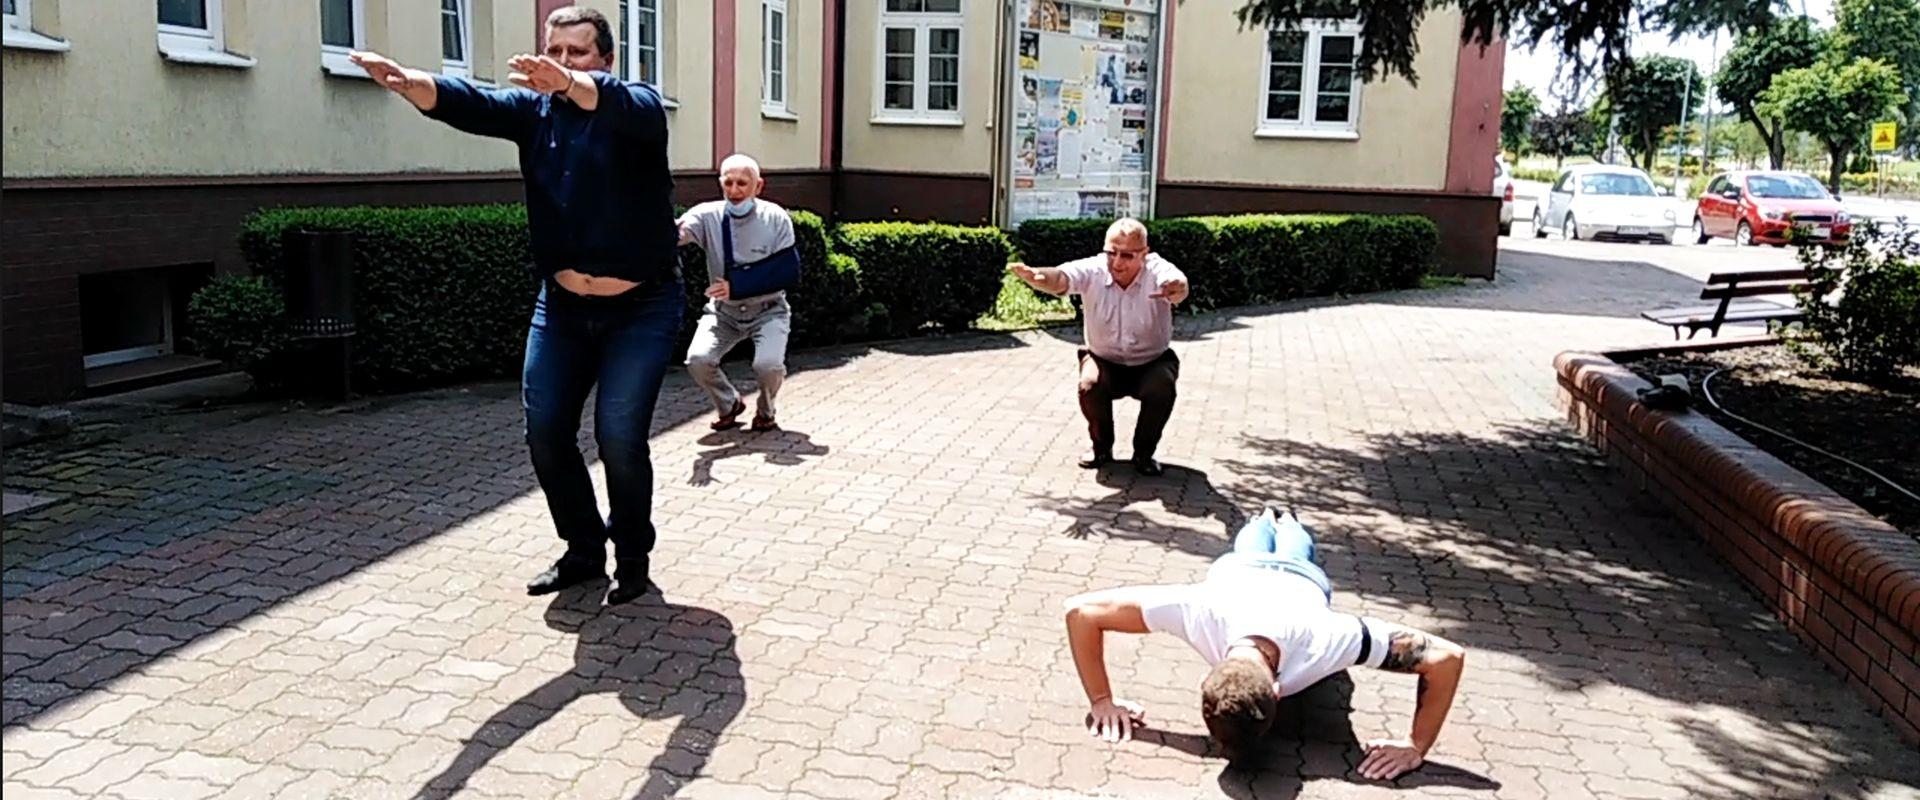 Ćwiczyli dla Krzysia Czupryna